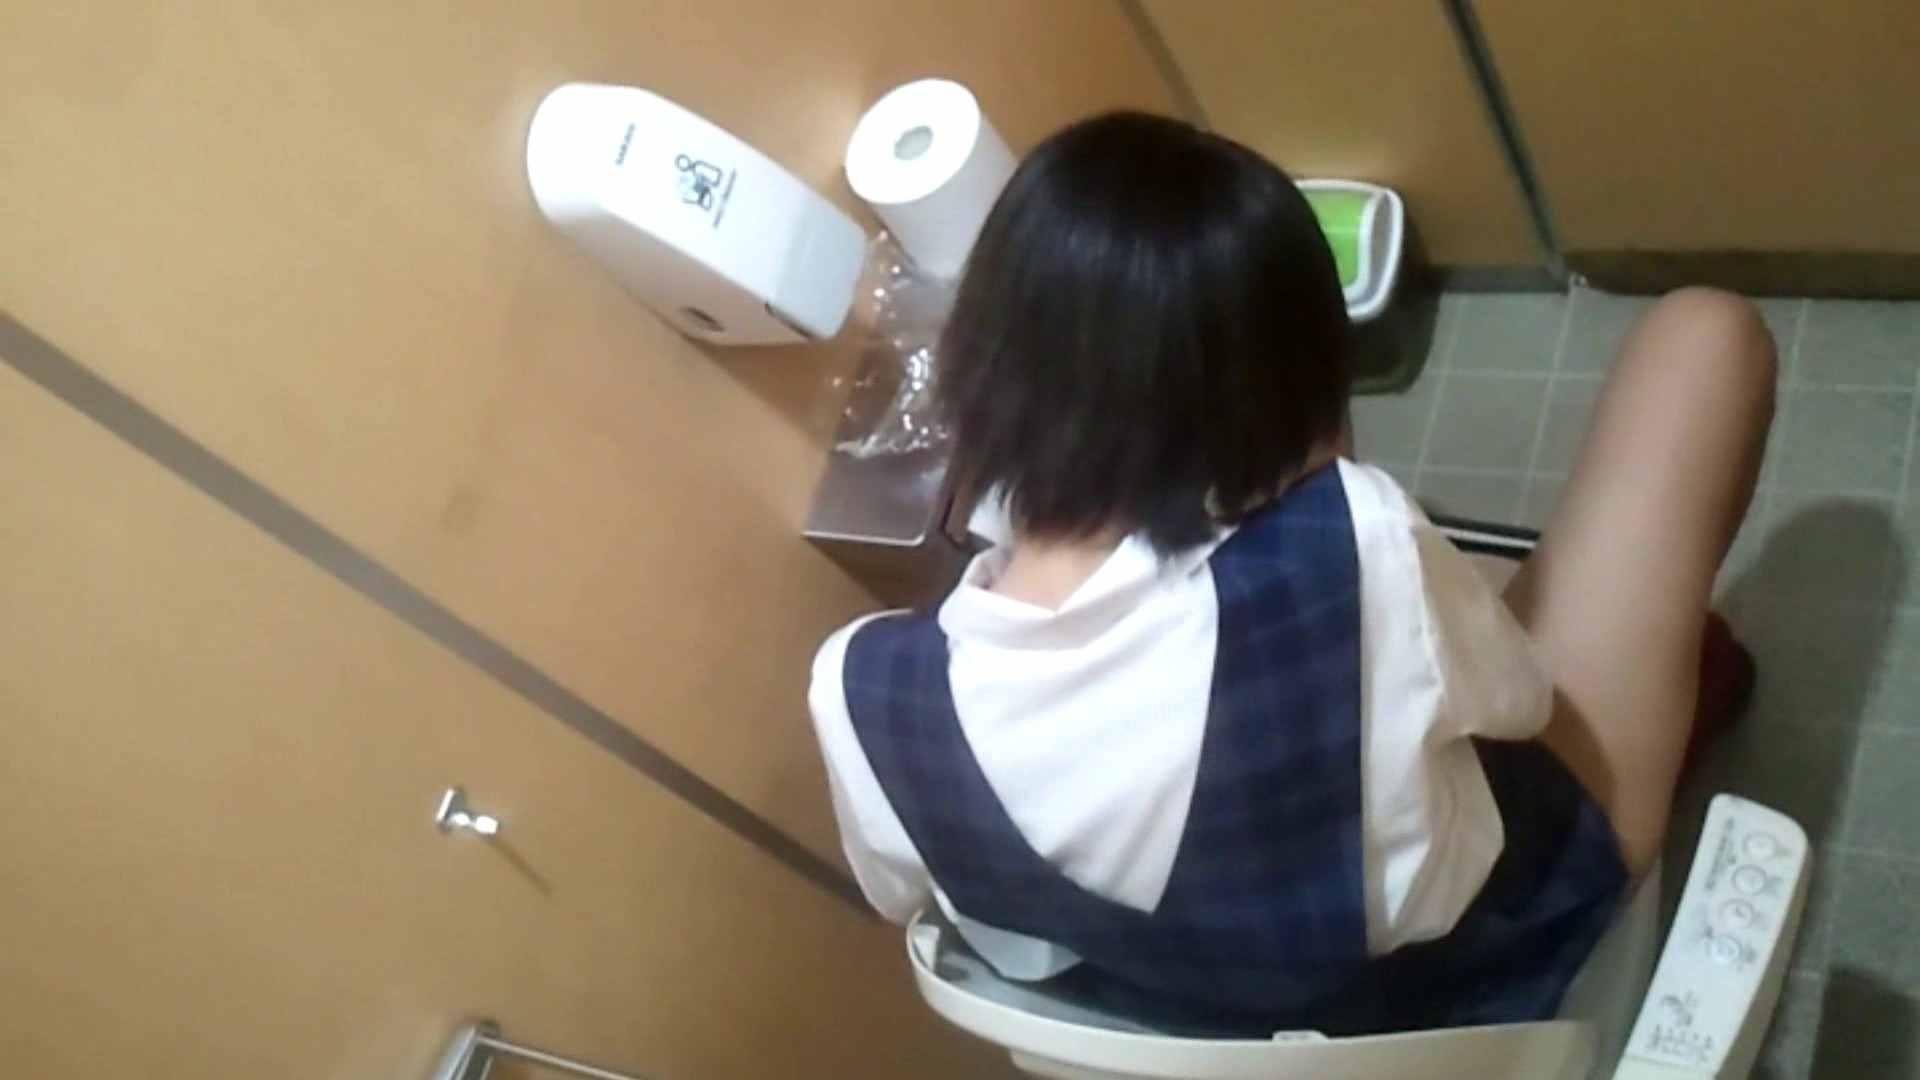 化粧室絵巻 商い場編 VOL.08 洗面所シーン オマンコ動画キャプチャ 69画像 43